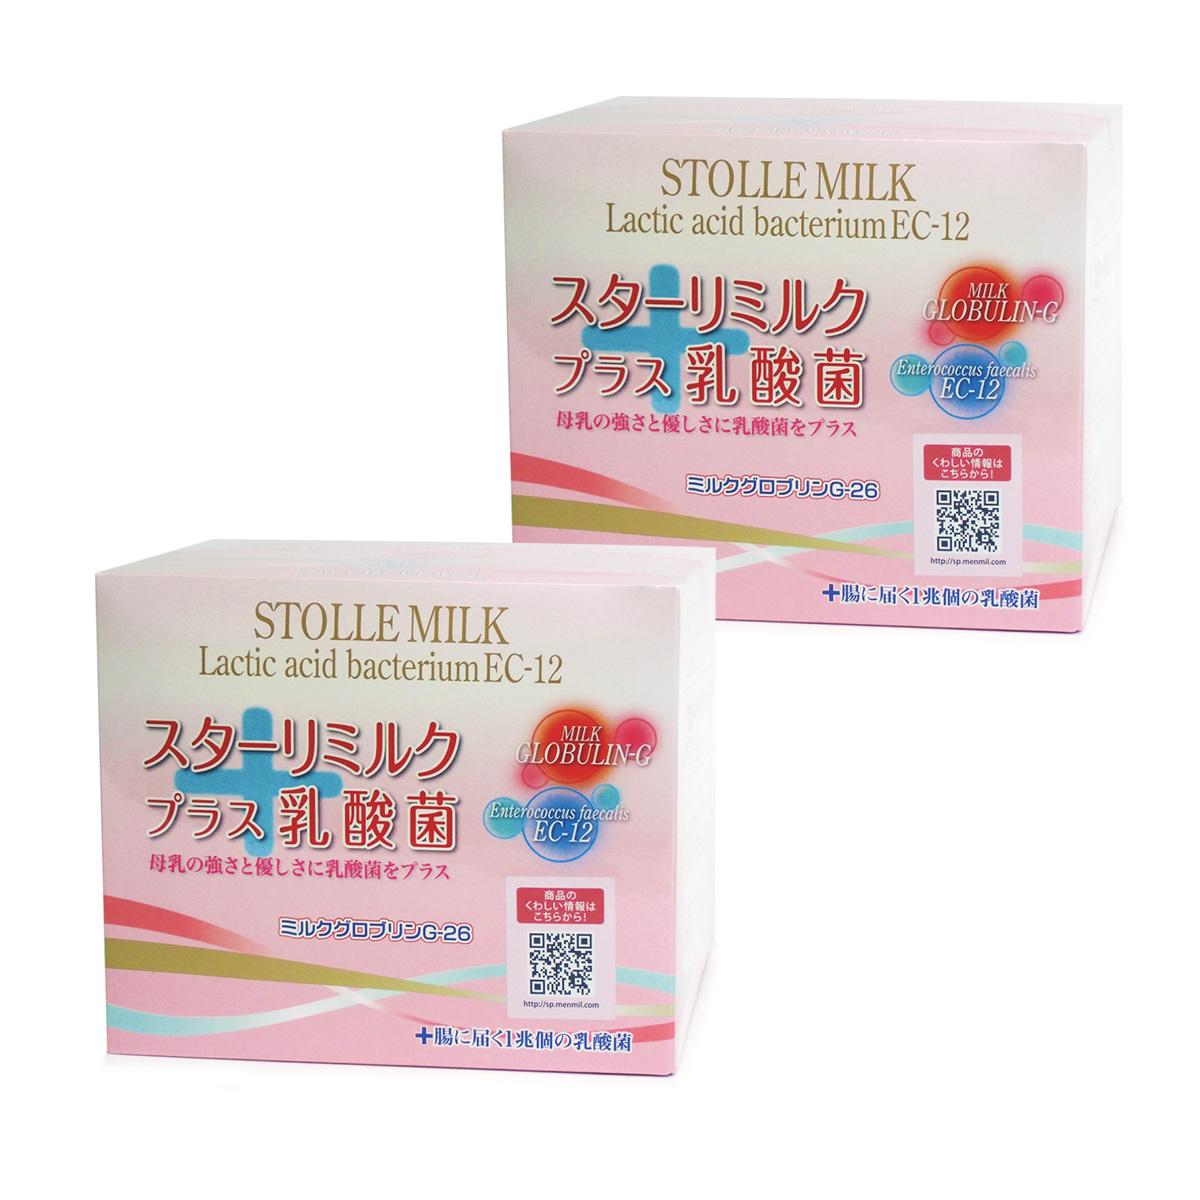 【送料無料】スターリミルク プラス 乳酸菌(20g×30袋) お得な2箱まとめ買い, First Pure:afa16afb --- thomas-cortesi.com